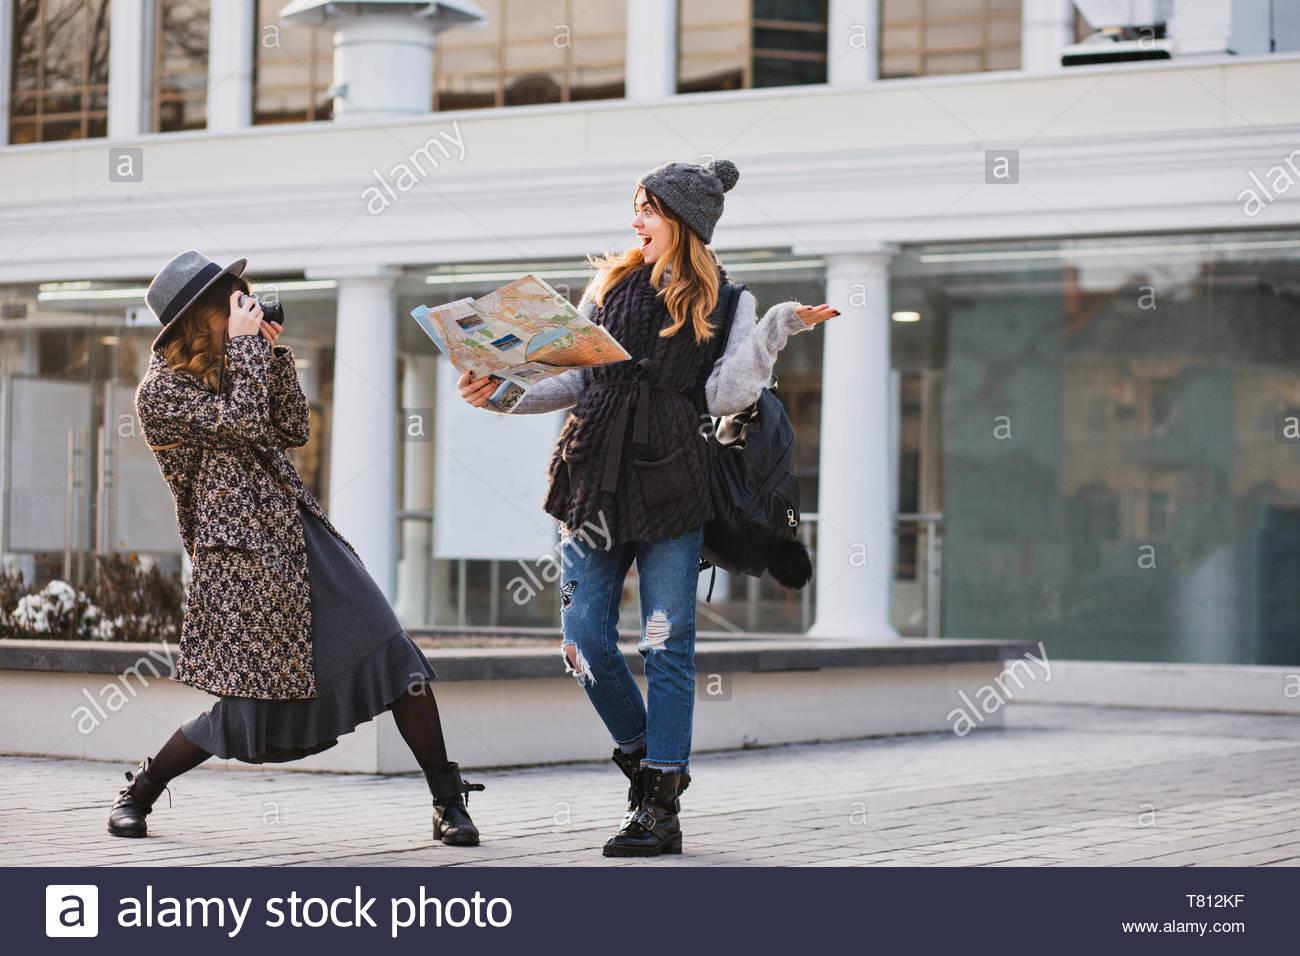 Momenti felici di divertenti turisti nella giornata di sole in una grande città. Funny gioiosa le ragazze che viaggiano insieme, divertendosi, rendendo foto, esprimere la vera brightful emozioni positive, elegante, migliori amici Immagini Stock